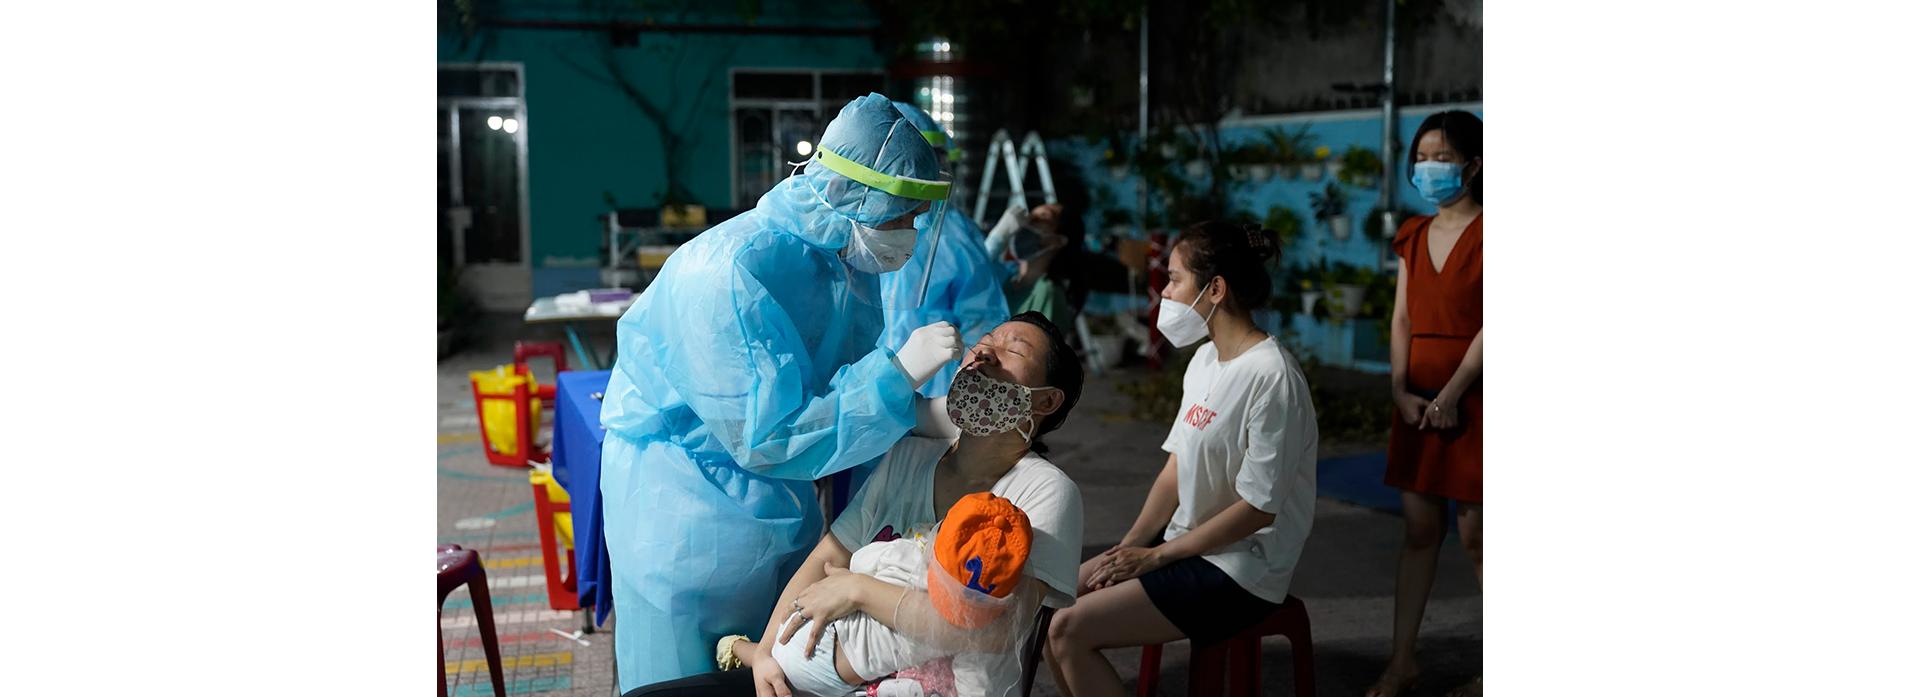 Đôi mắt ngàu đỏ của nữ y tá khi ca nhiễm từ nhóm truyền giáo tăng kỷ lục - 2